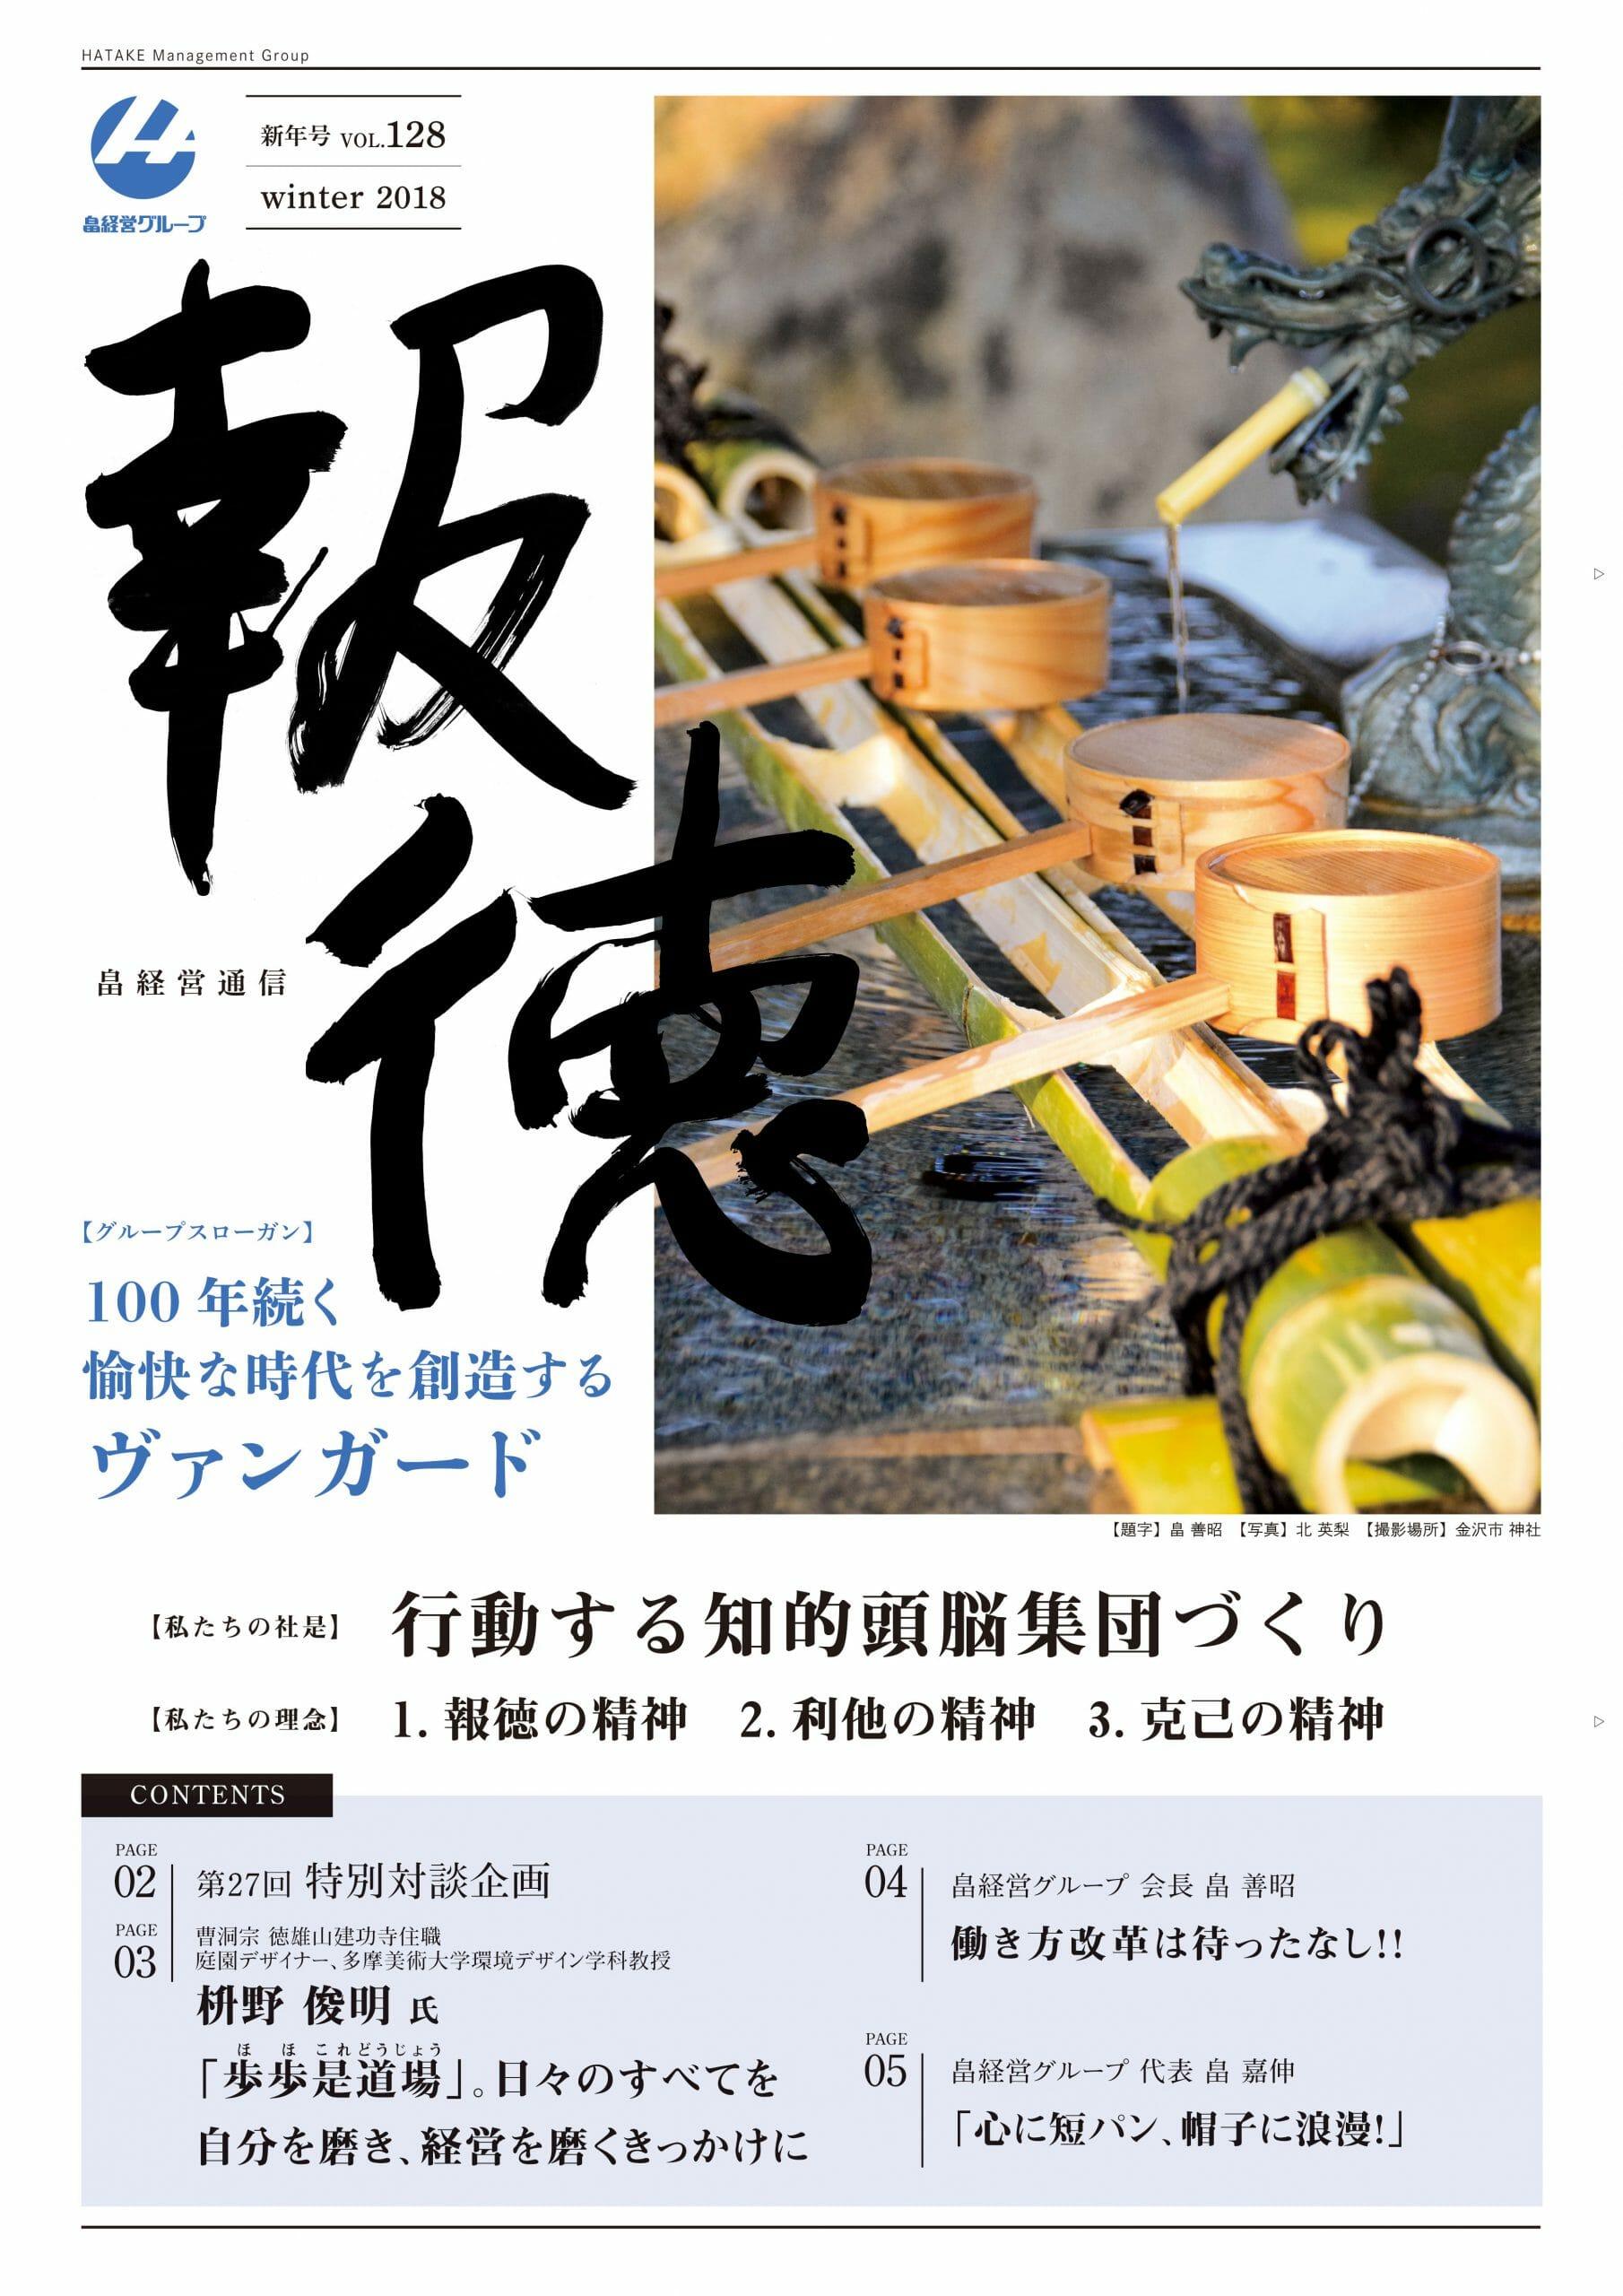 2018年1月5日 報徳新年号vol.128 発刊しました